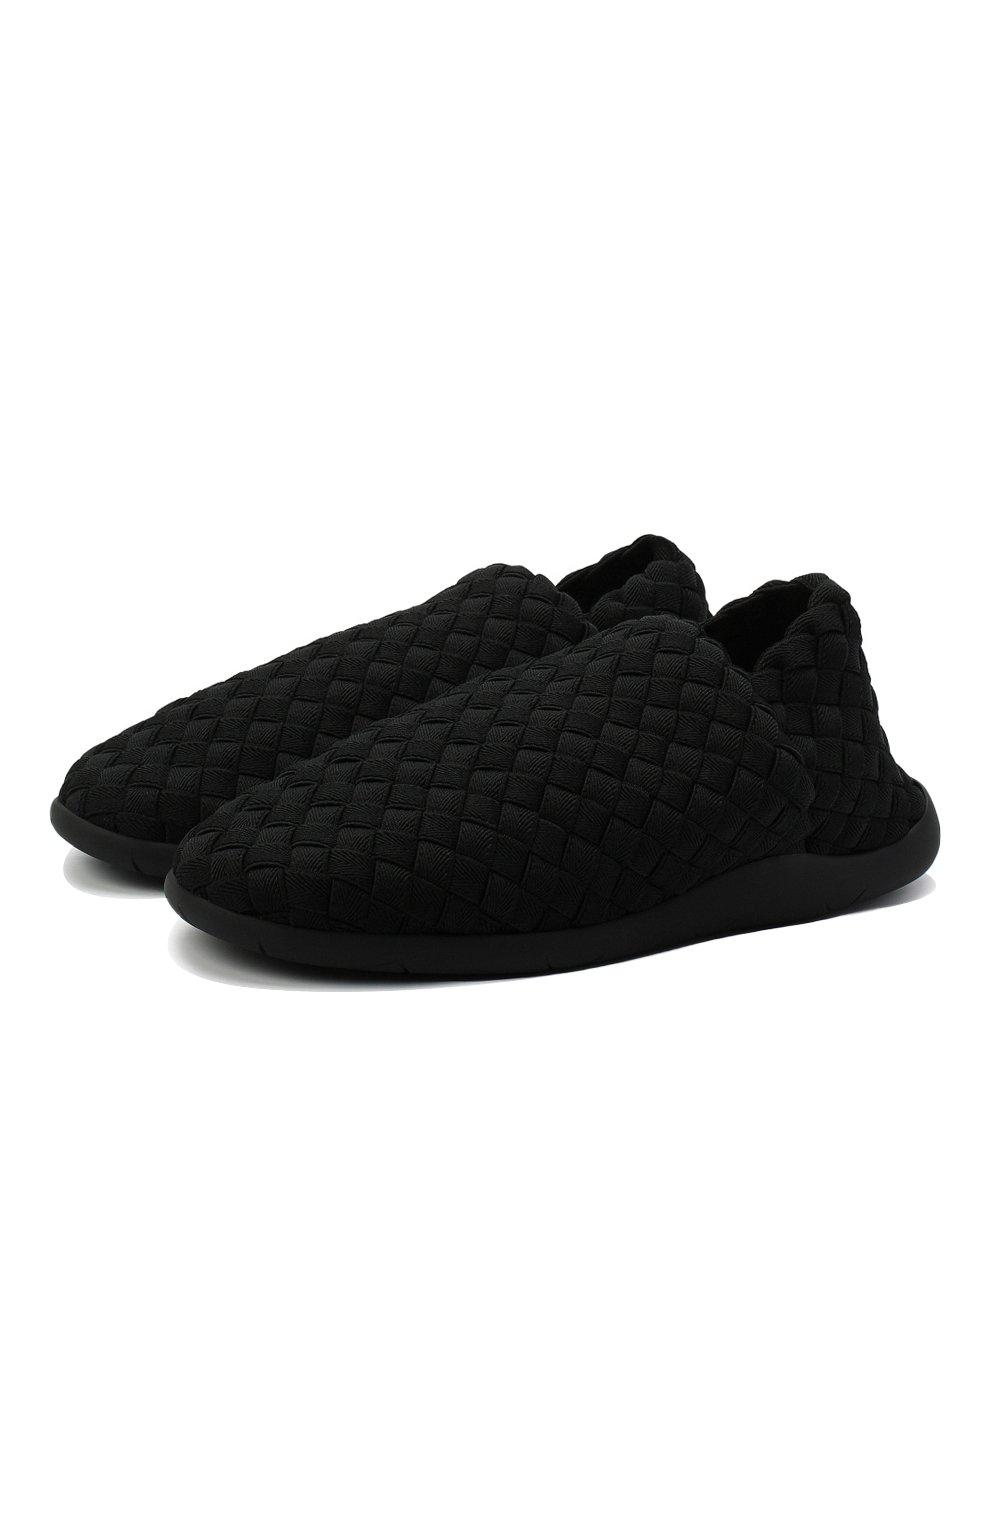 Мужские текстильные слиперы BOTTEGA VENETA черного цвета, арт. 651271/V0GV0   Фото 1 (Материал внешний: Текстиль; Материал внутренний: Натуральная кожа, Текстиль; Мужское Кросс-КТ: Слиперы-обувь; Стили: Кэжуэл)